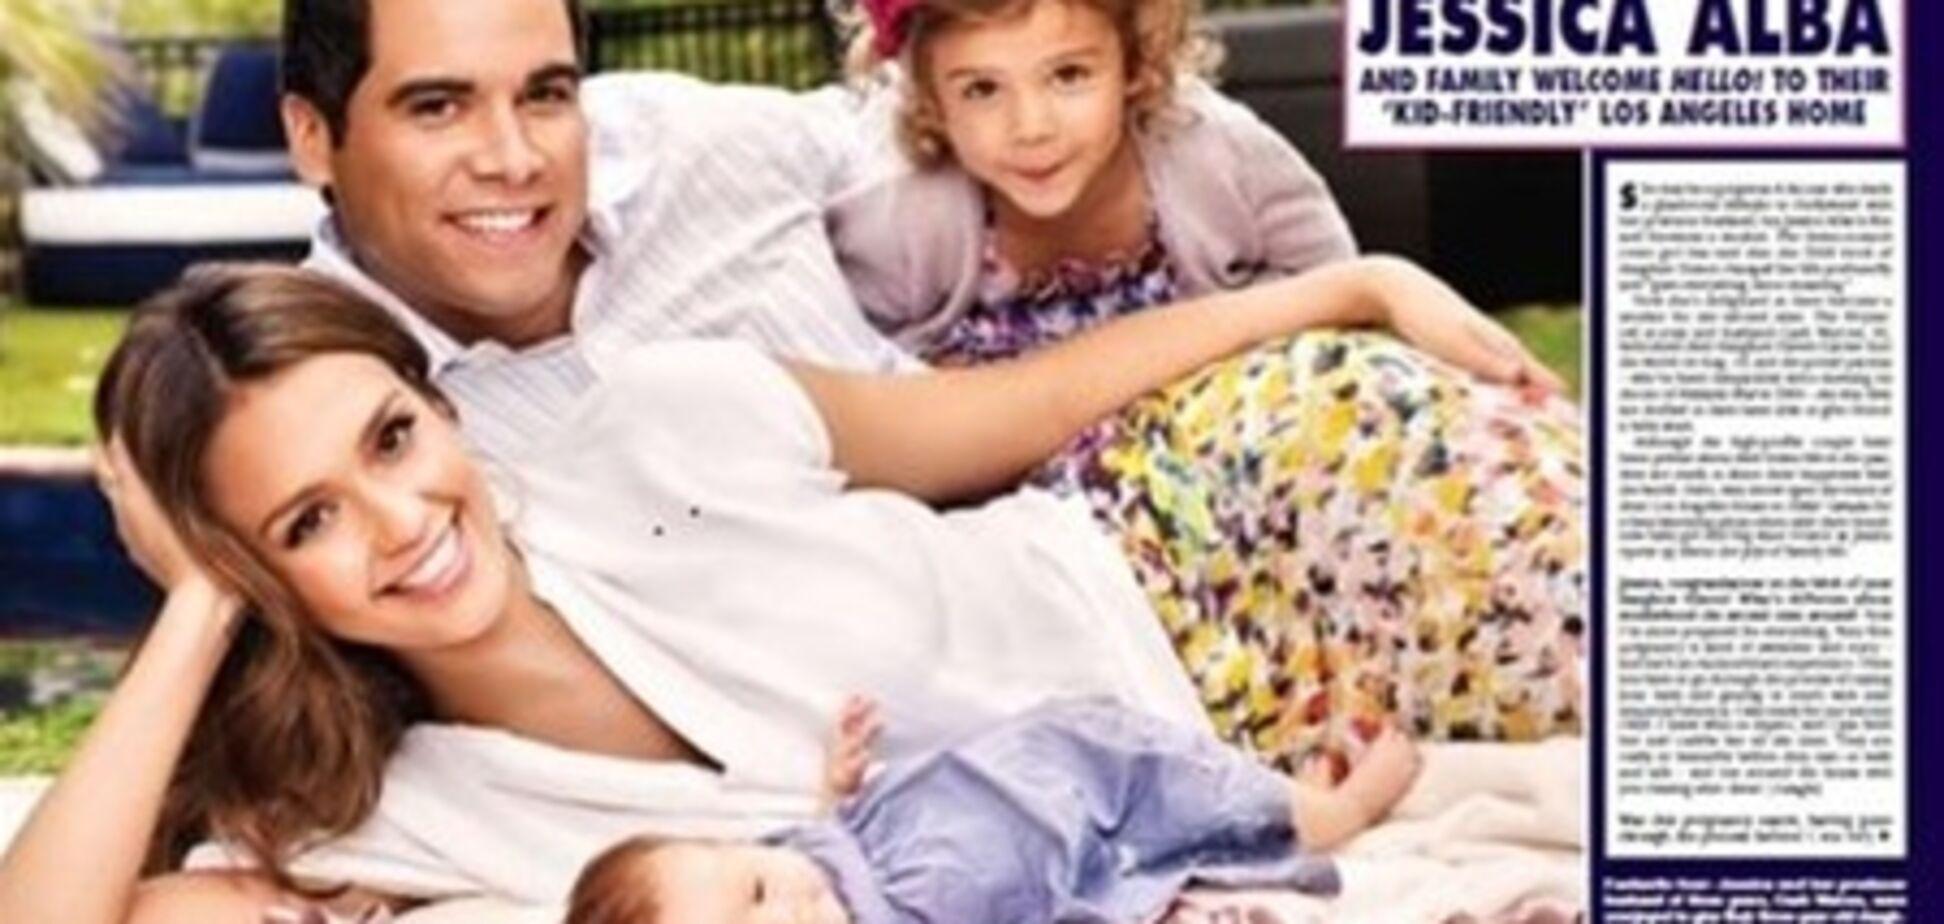 Альба и Милано показали своих малышей